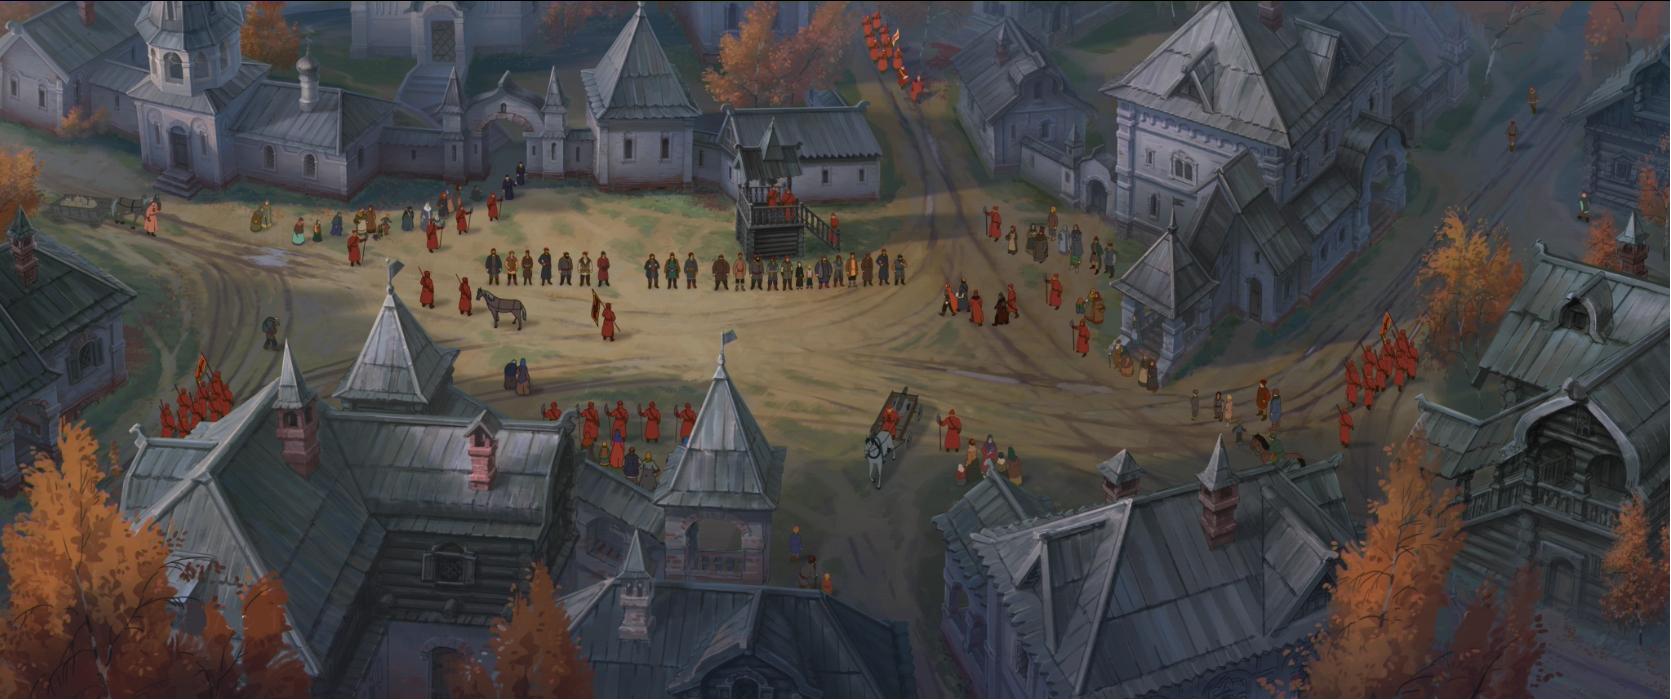 мультфильм крепость щитом и мечом